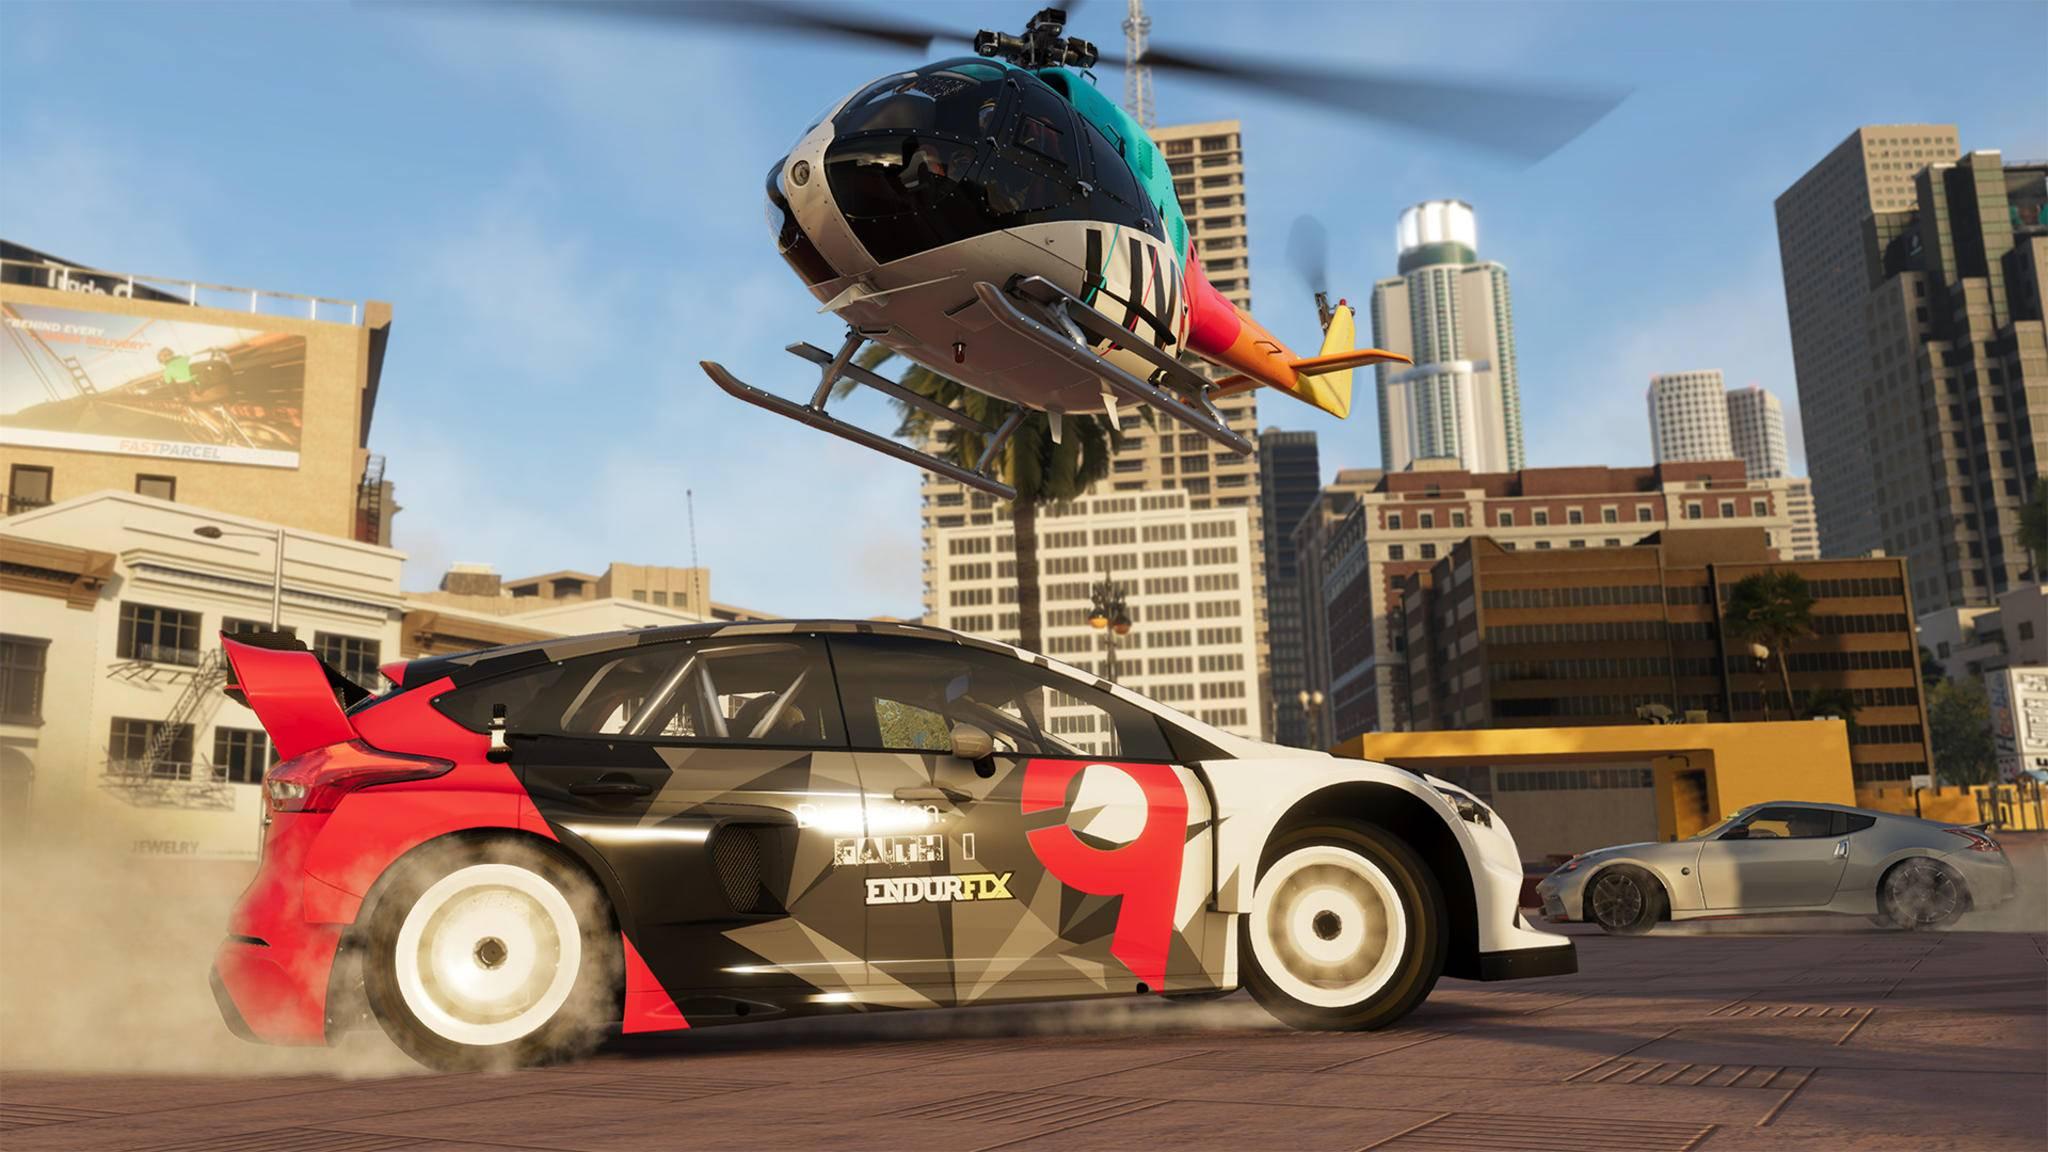 Du willst den Helikopter fliegen? Dann fang schon einmal an zu üben!